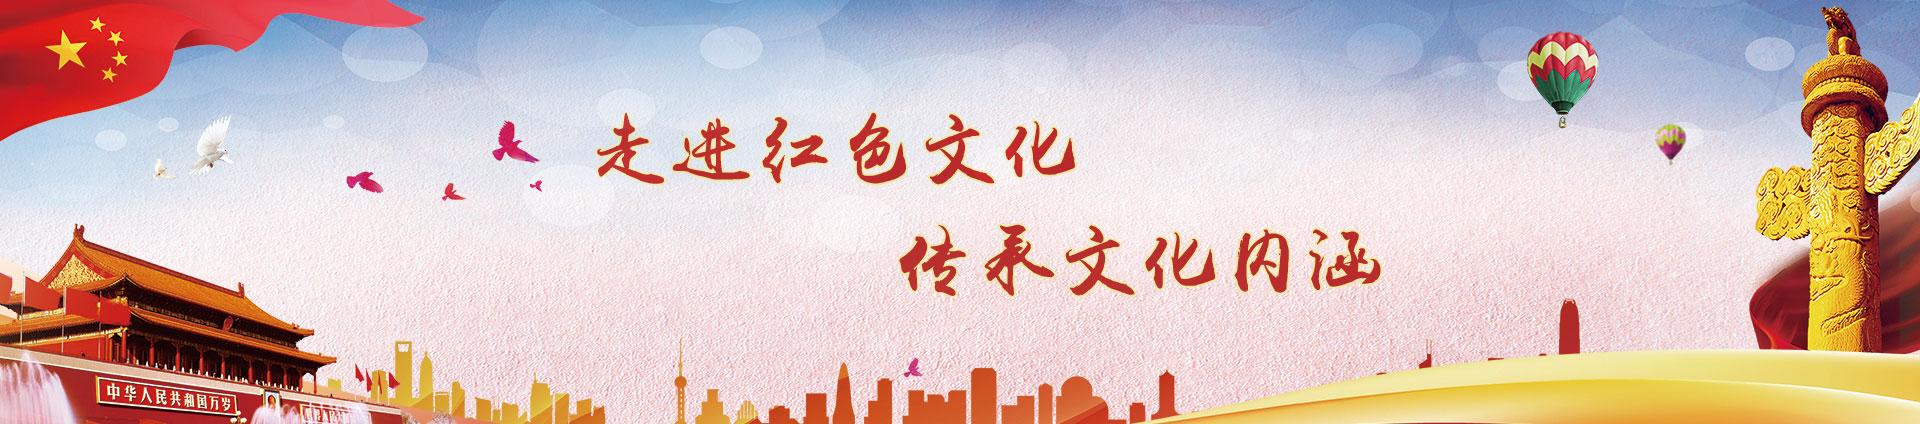 中共湘潭市委党校党性教育培训